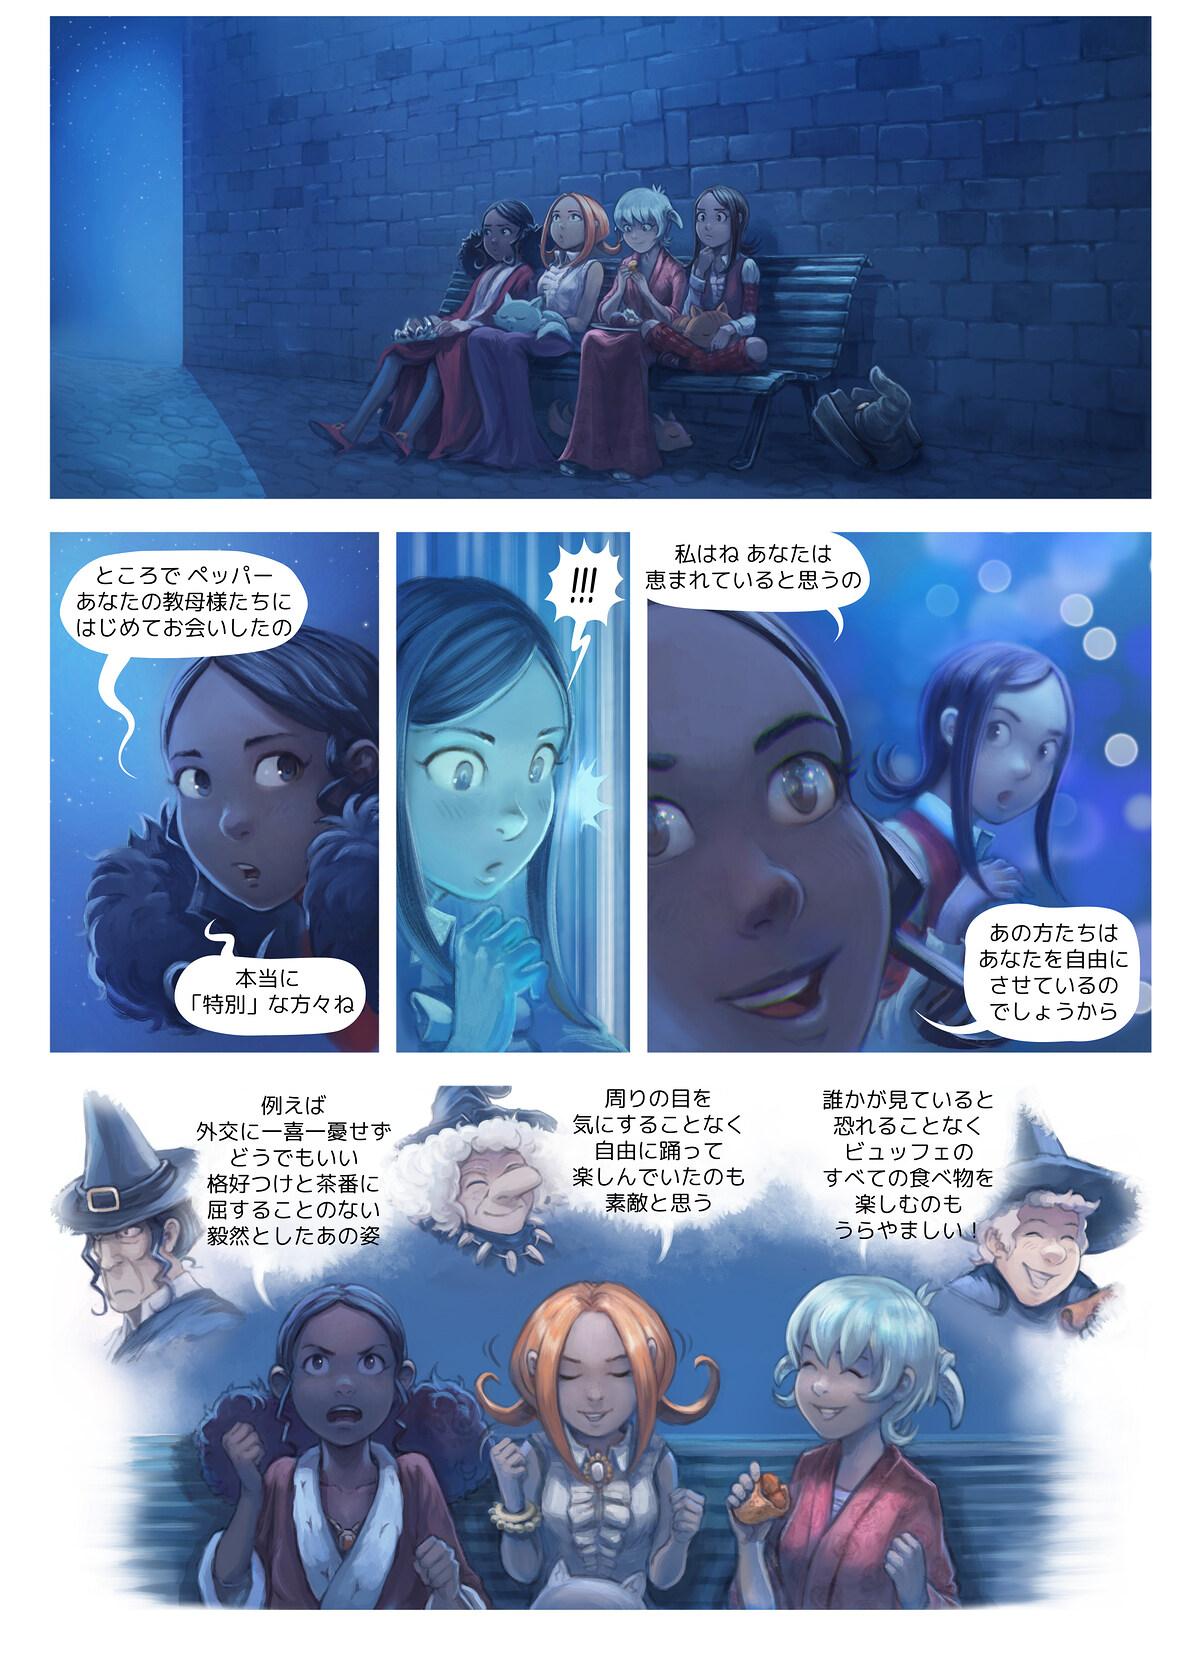 ページ 8